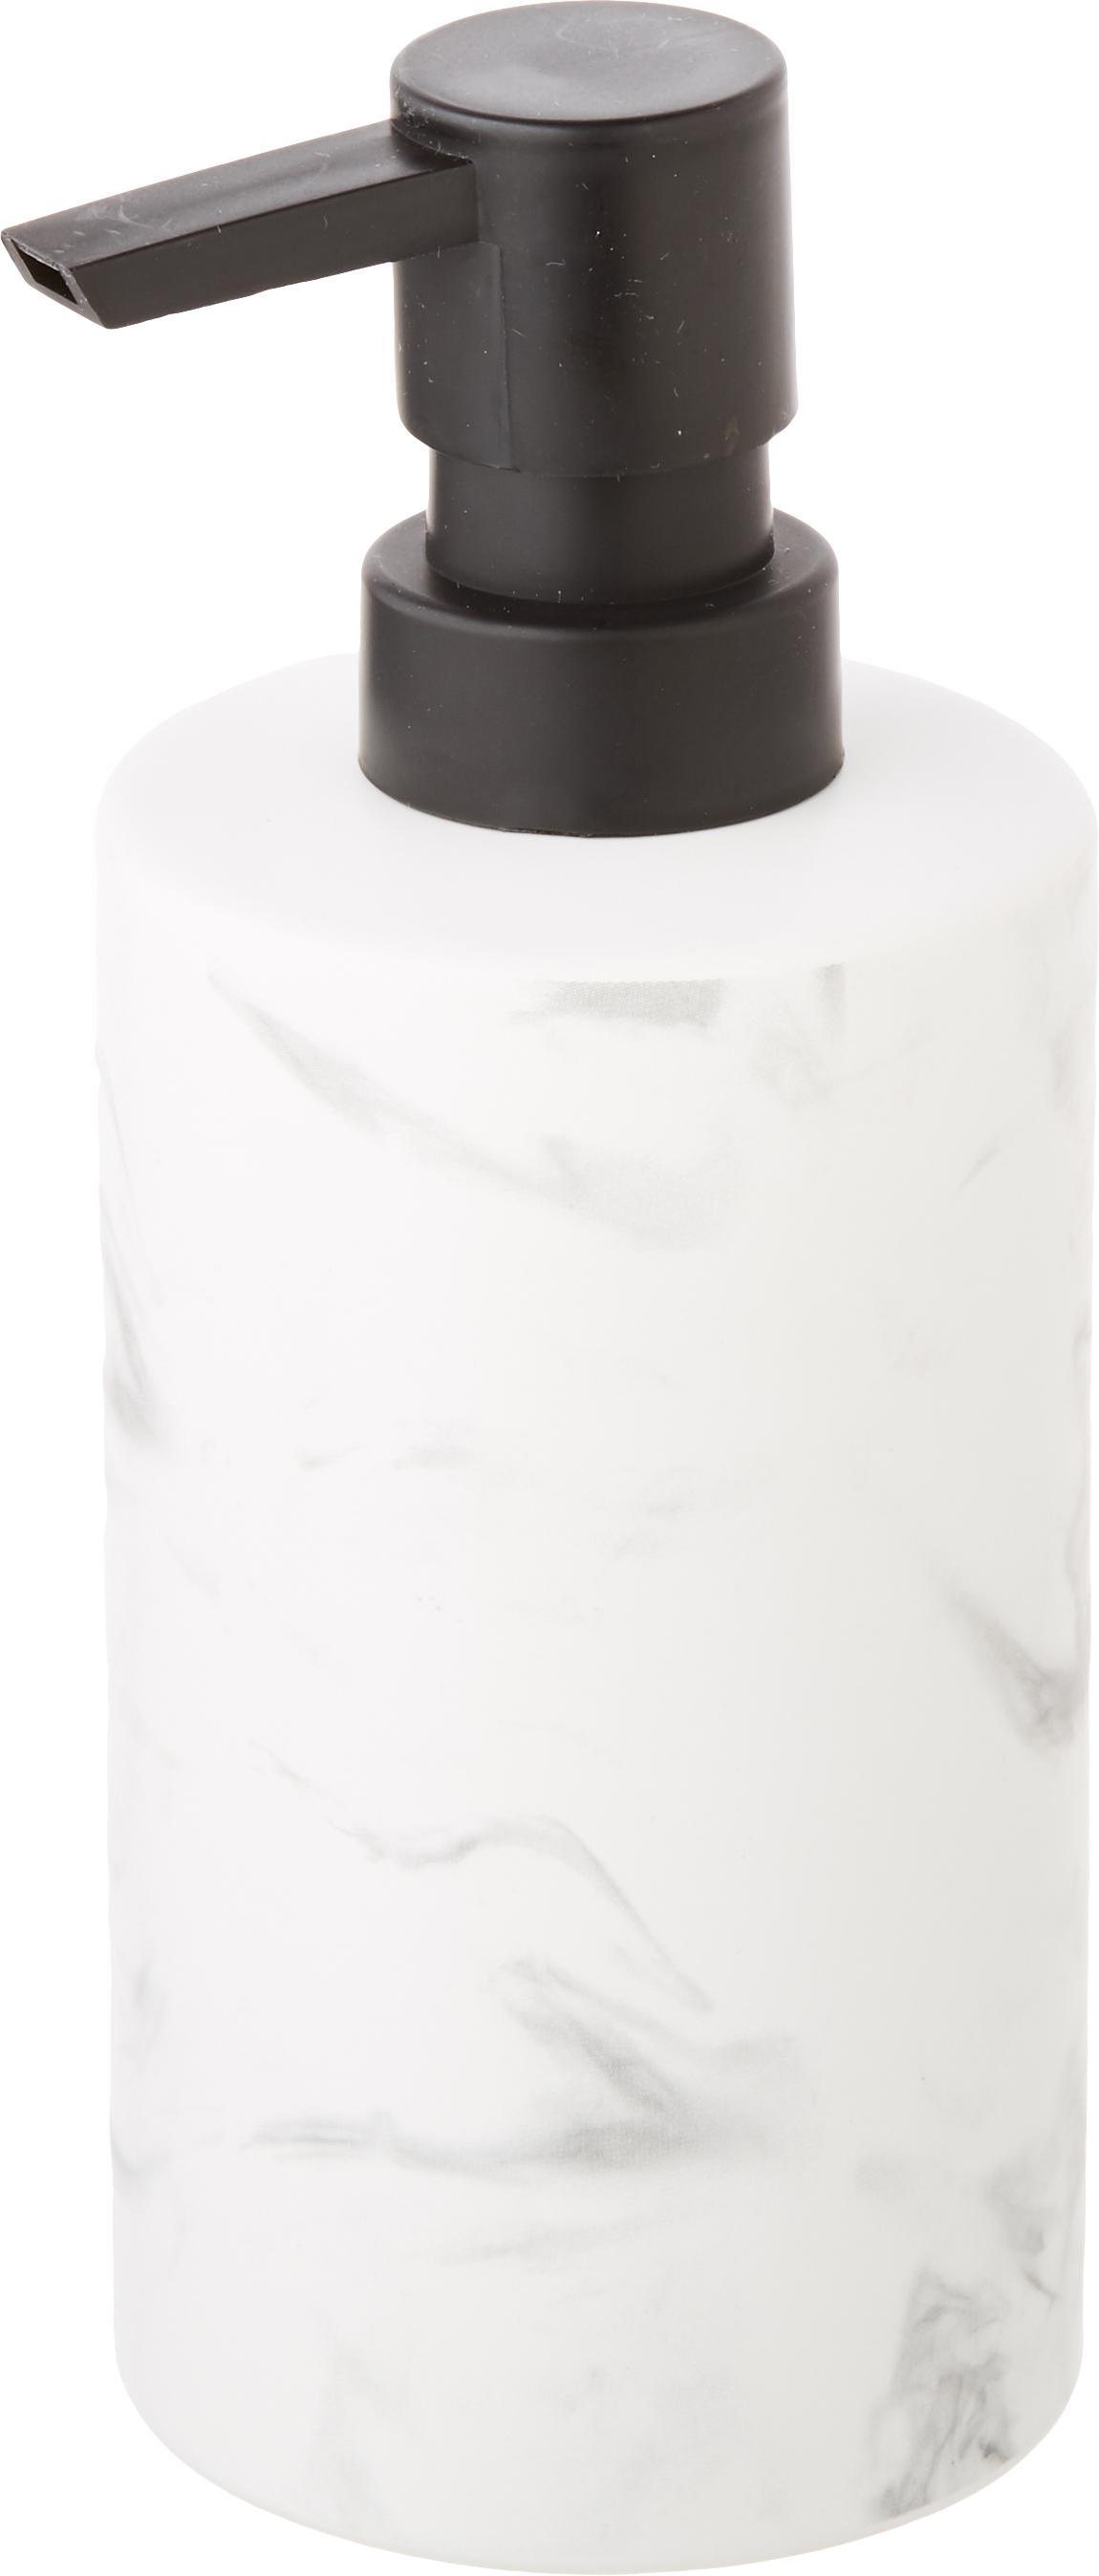 Dosificador de jabón Daro, Recipiente: cerámica, Dosificador: metal, recubierto, Blanco, negro, Ø 7 x Al 18 cm